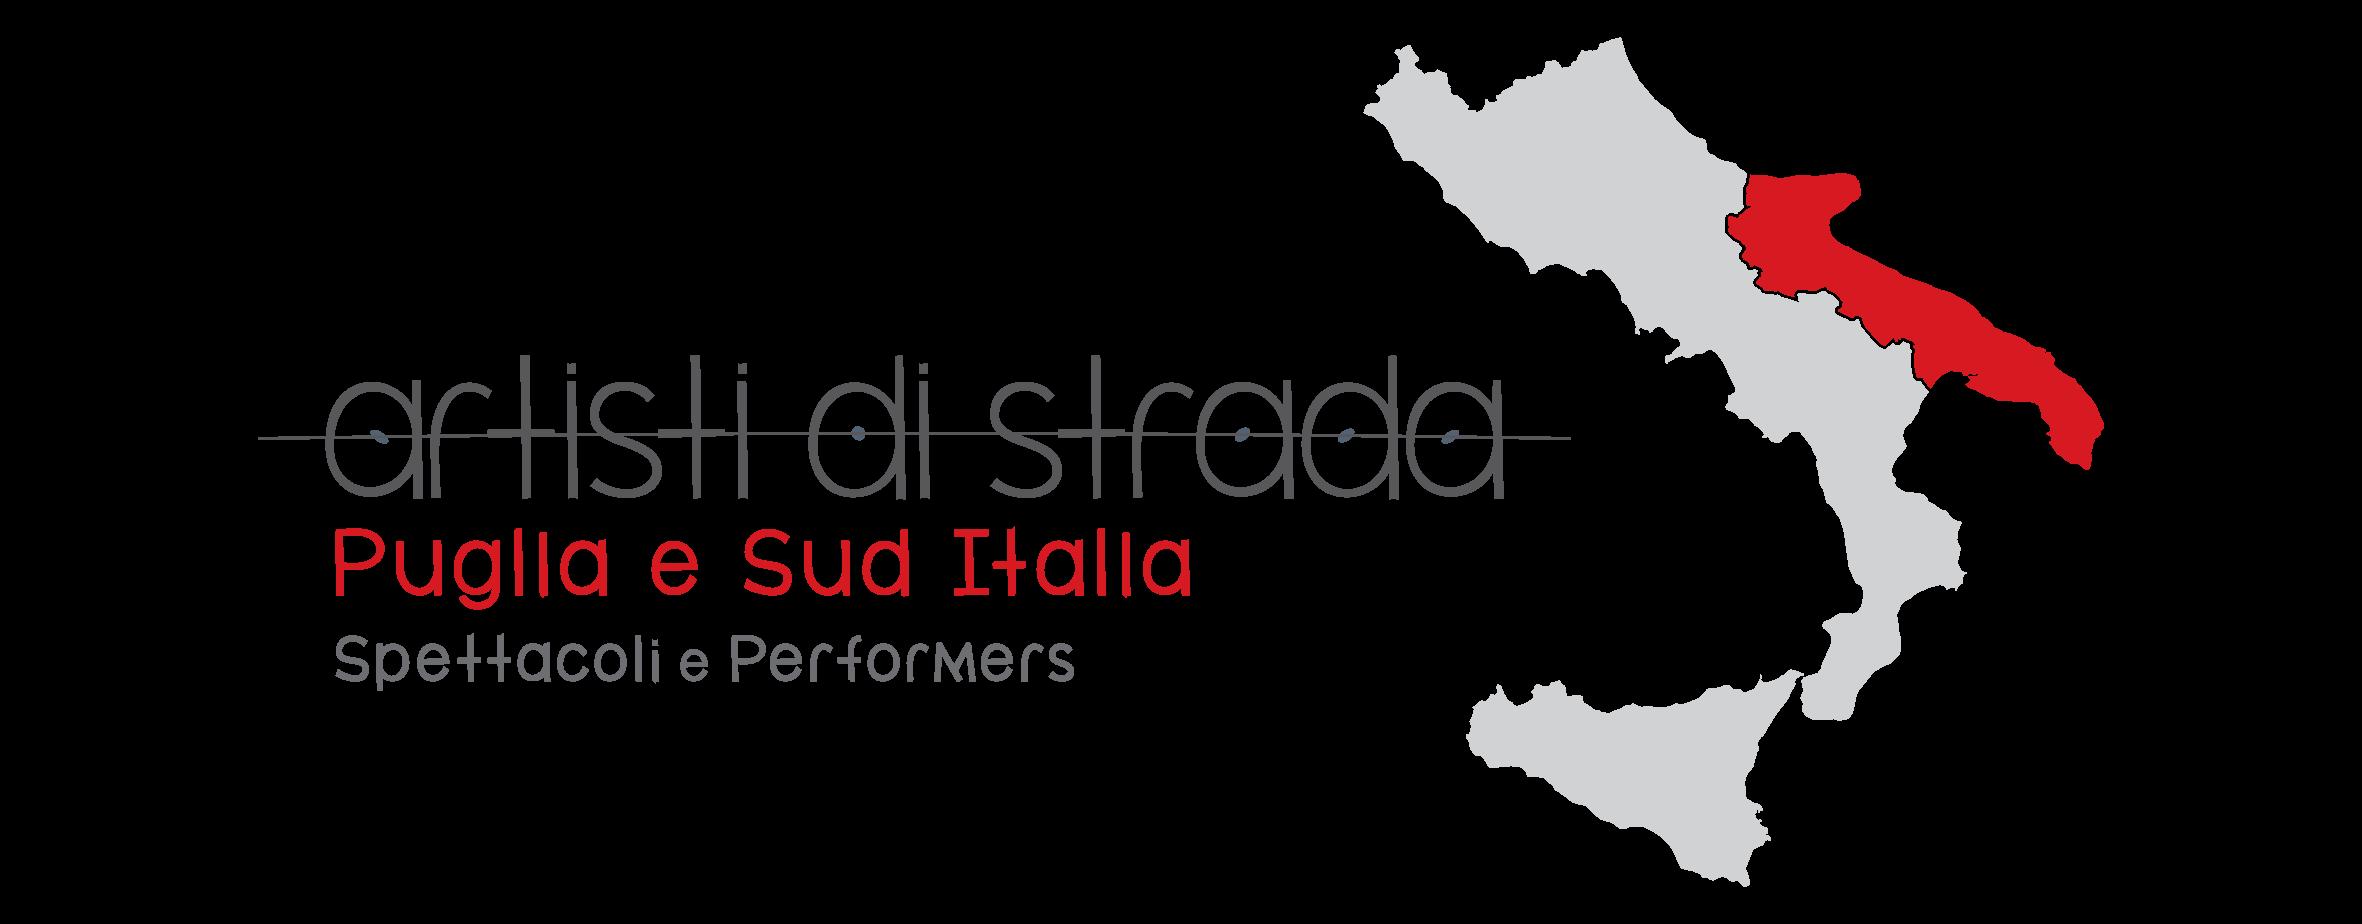 Artisti di strada Puglia